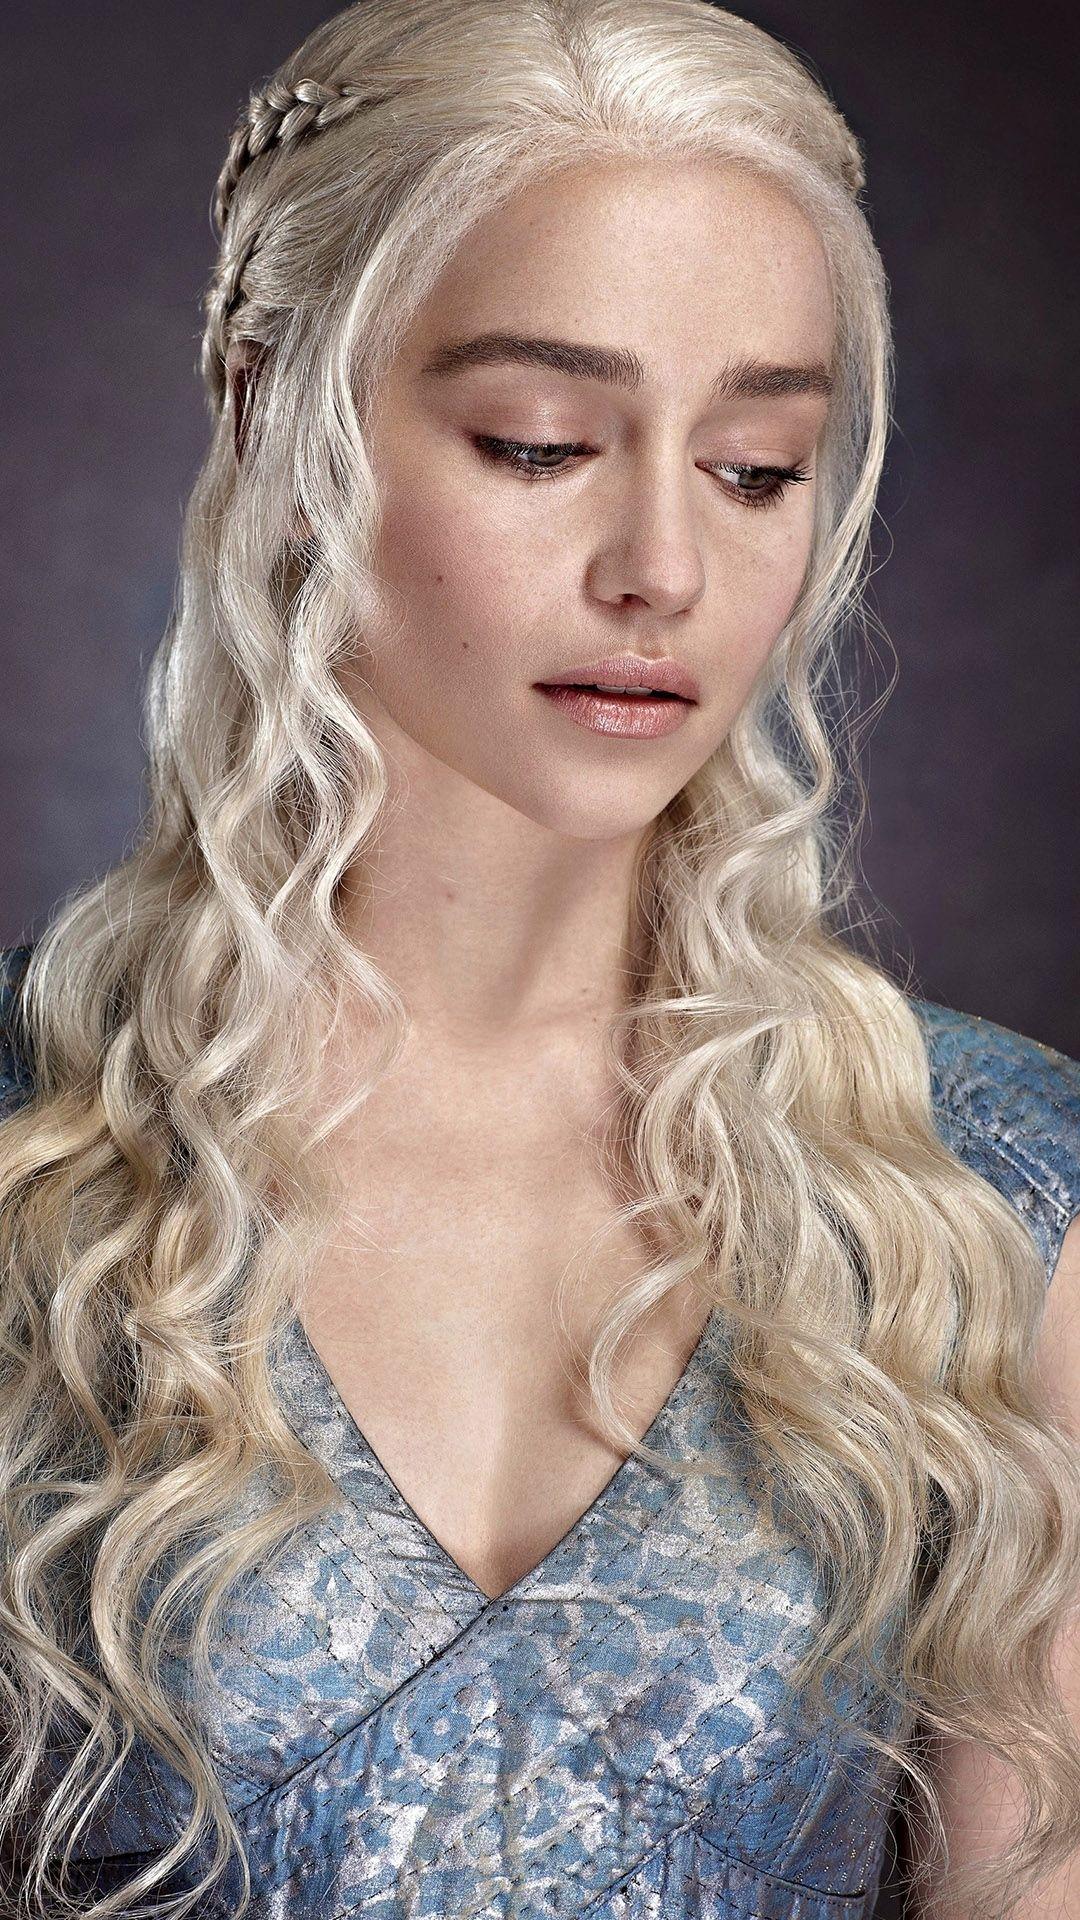 Daenerys Targaryen Wallpaper For Android Is 4k Wallpaper